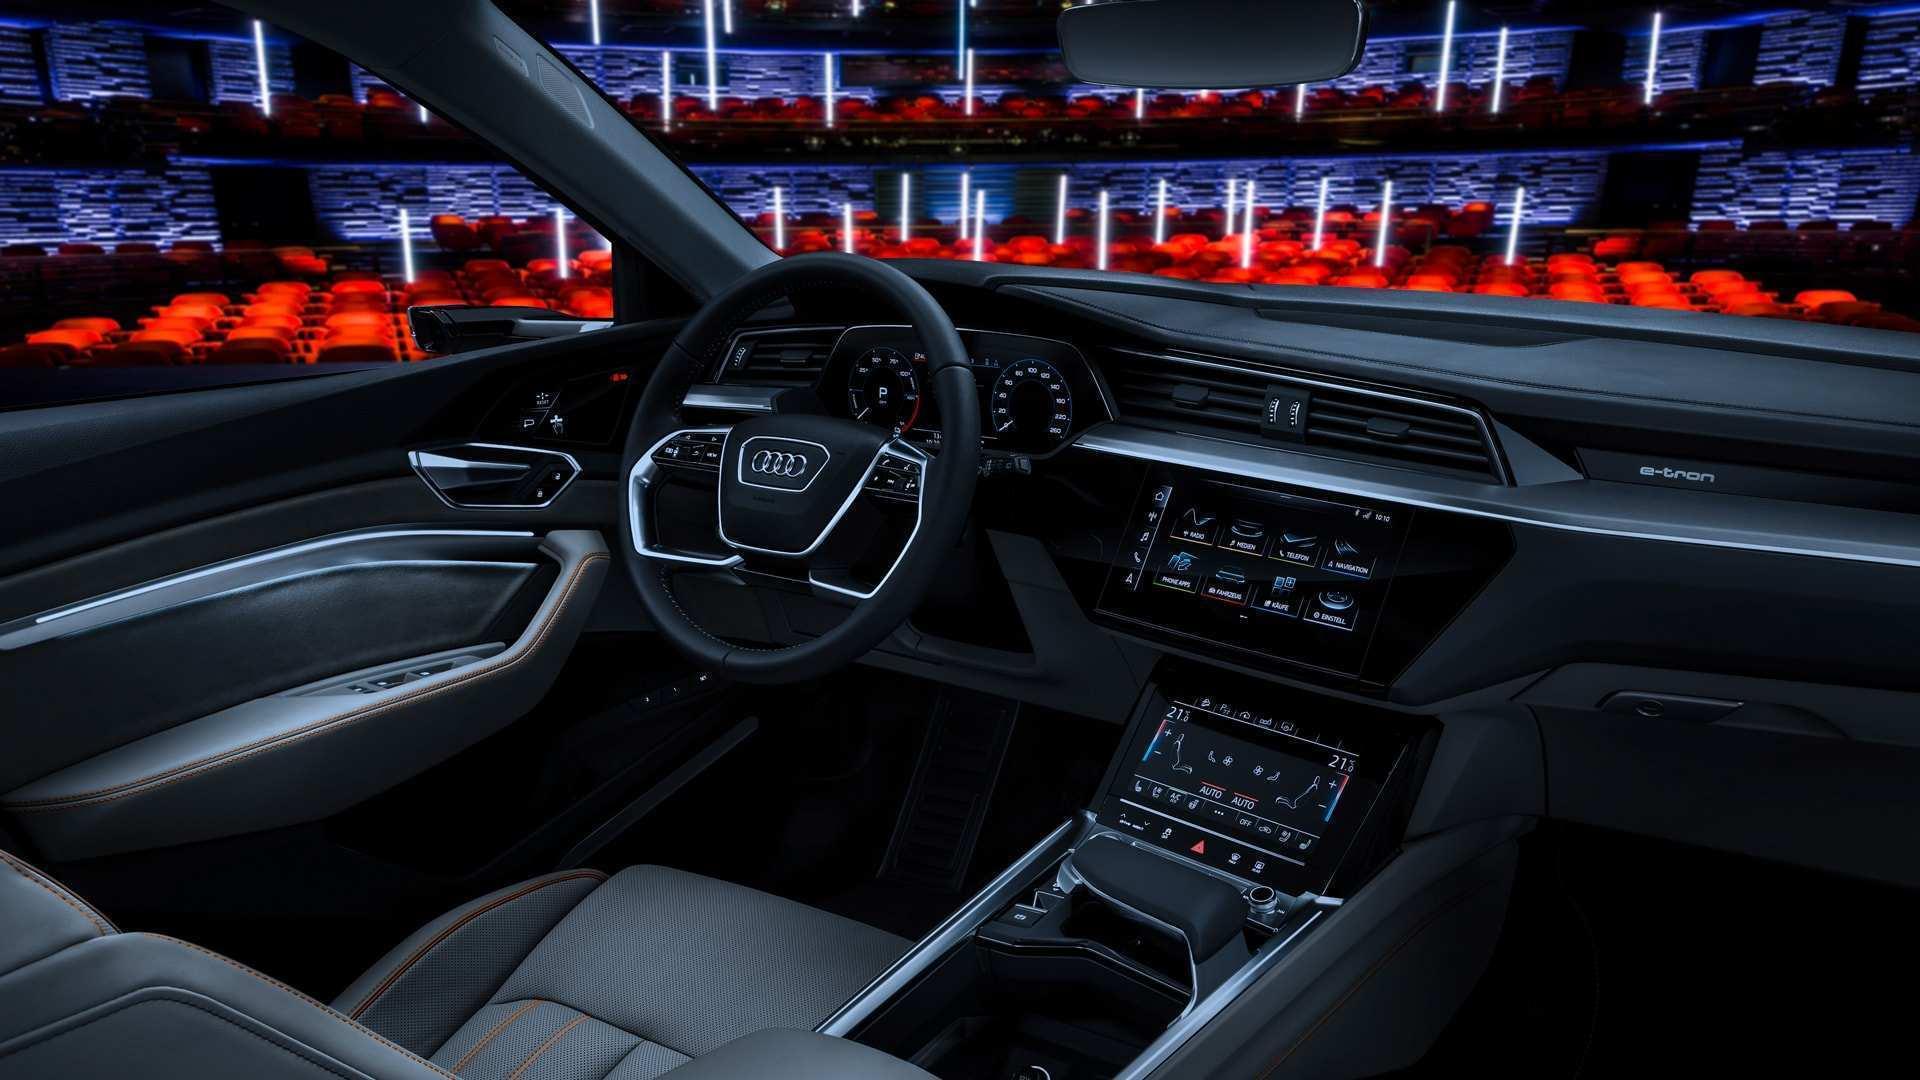 18 The 2019 Audi E Tron Quattro Concept for 2019 Audi E Tron Quattro